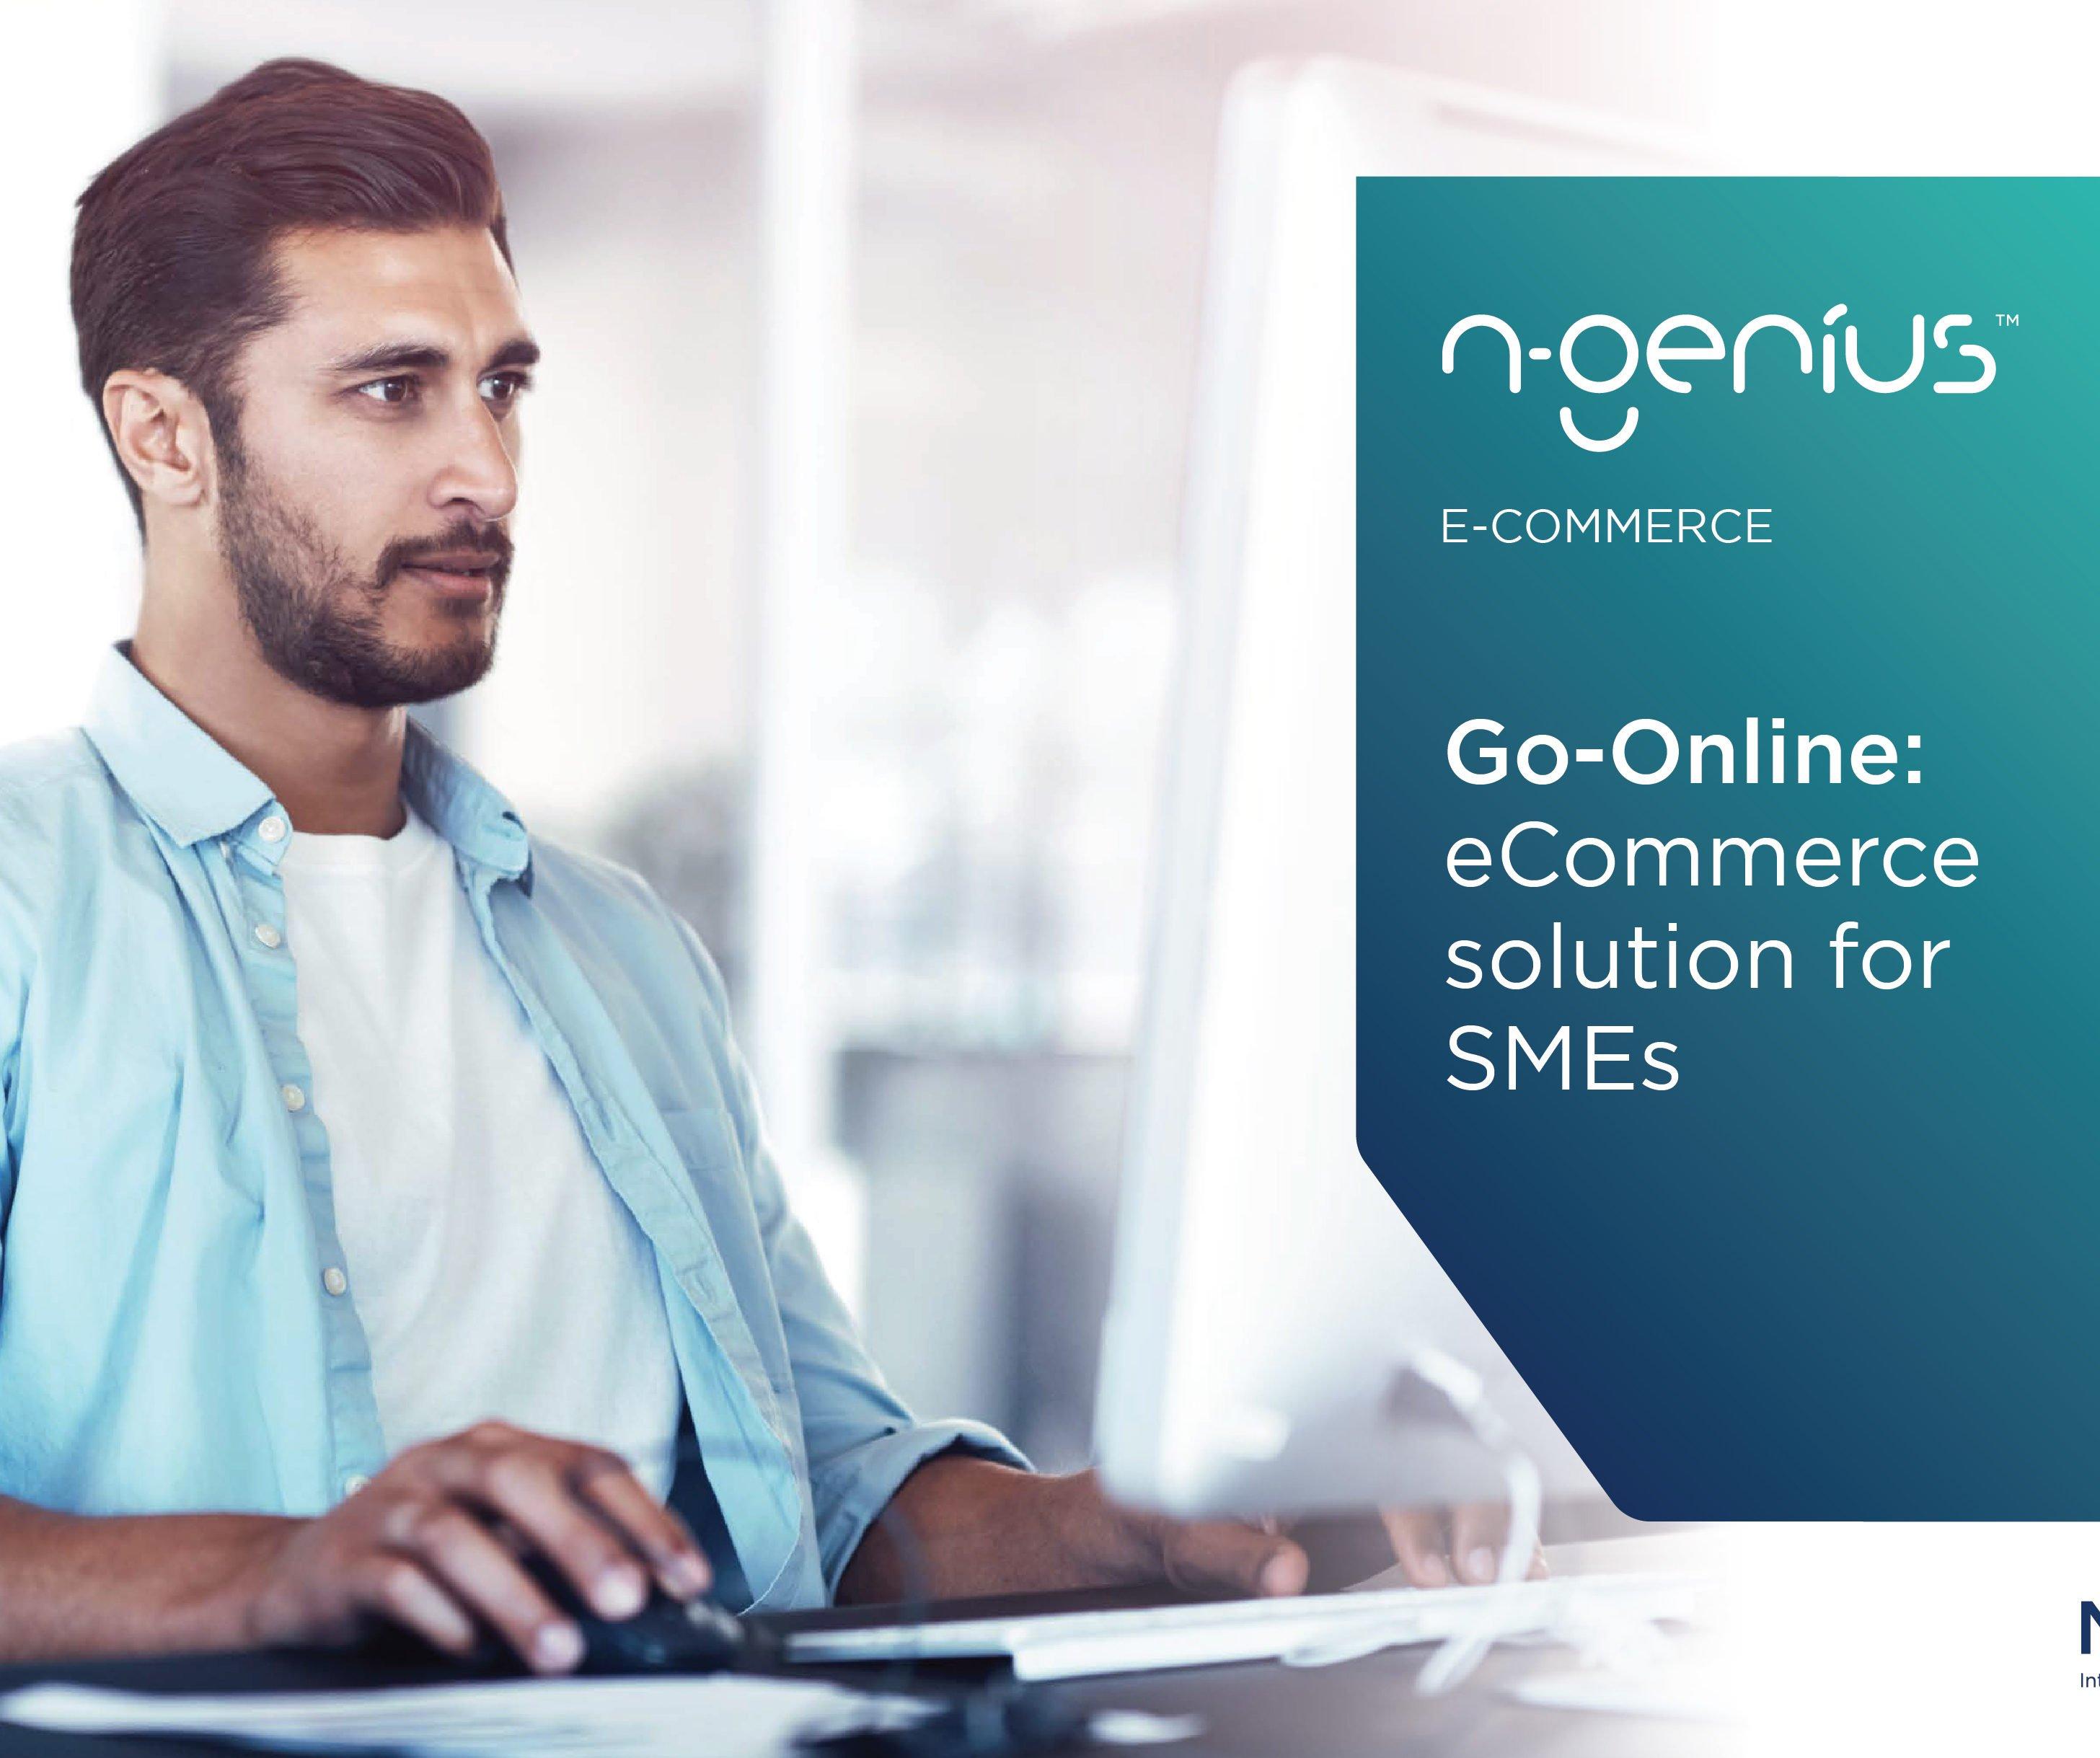 اطلاق منصة للتجارة الالكترونية للشركات الناشئة